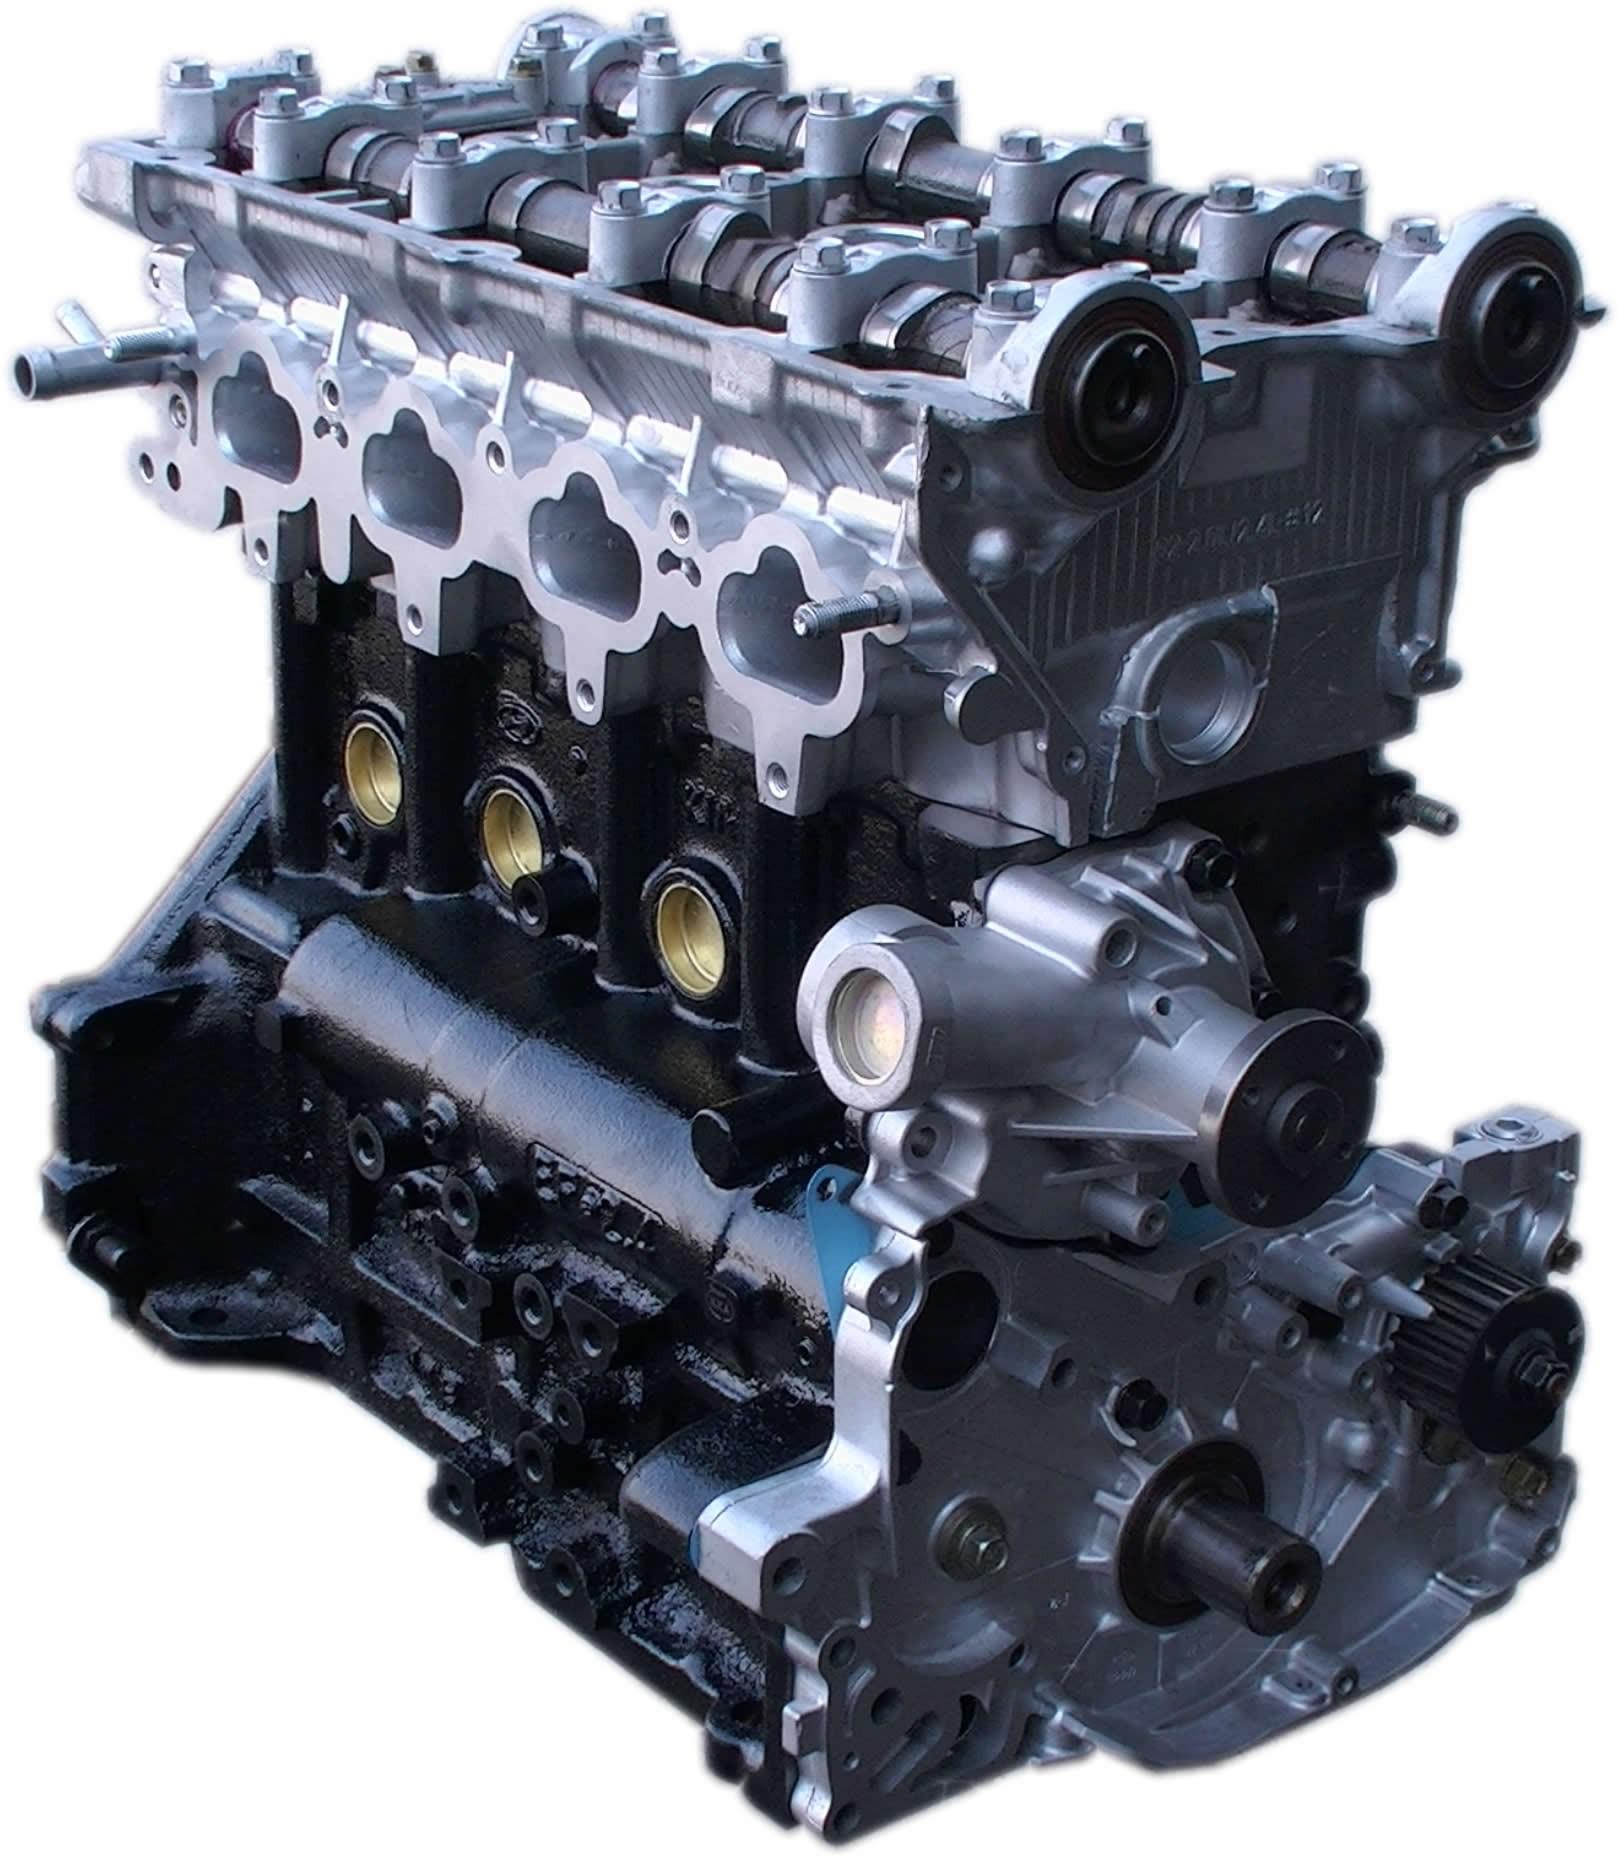 Rebuilt 01 05 Hyundai Santa Fe 4cyl 2 4l Dohc Engine 171 Kar